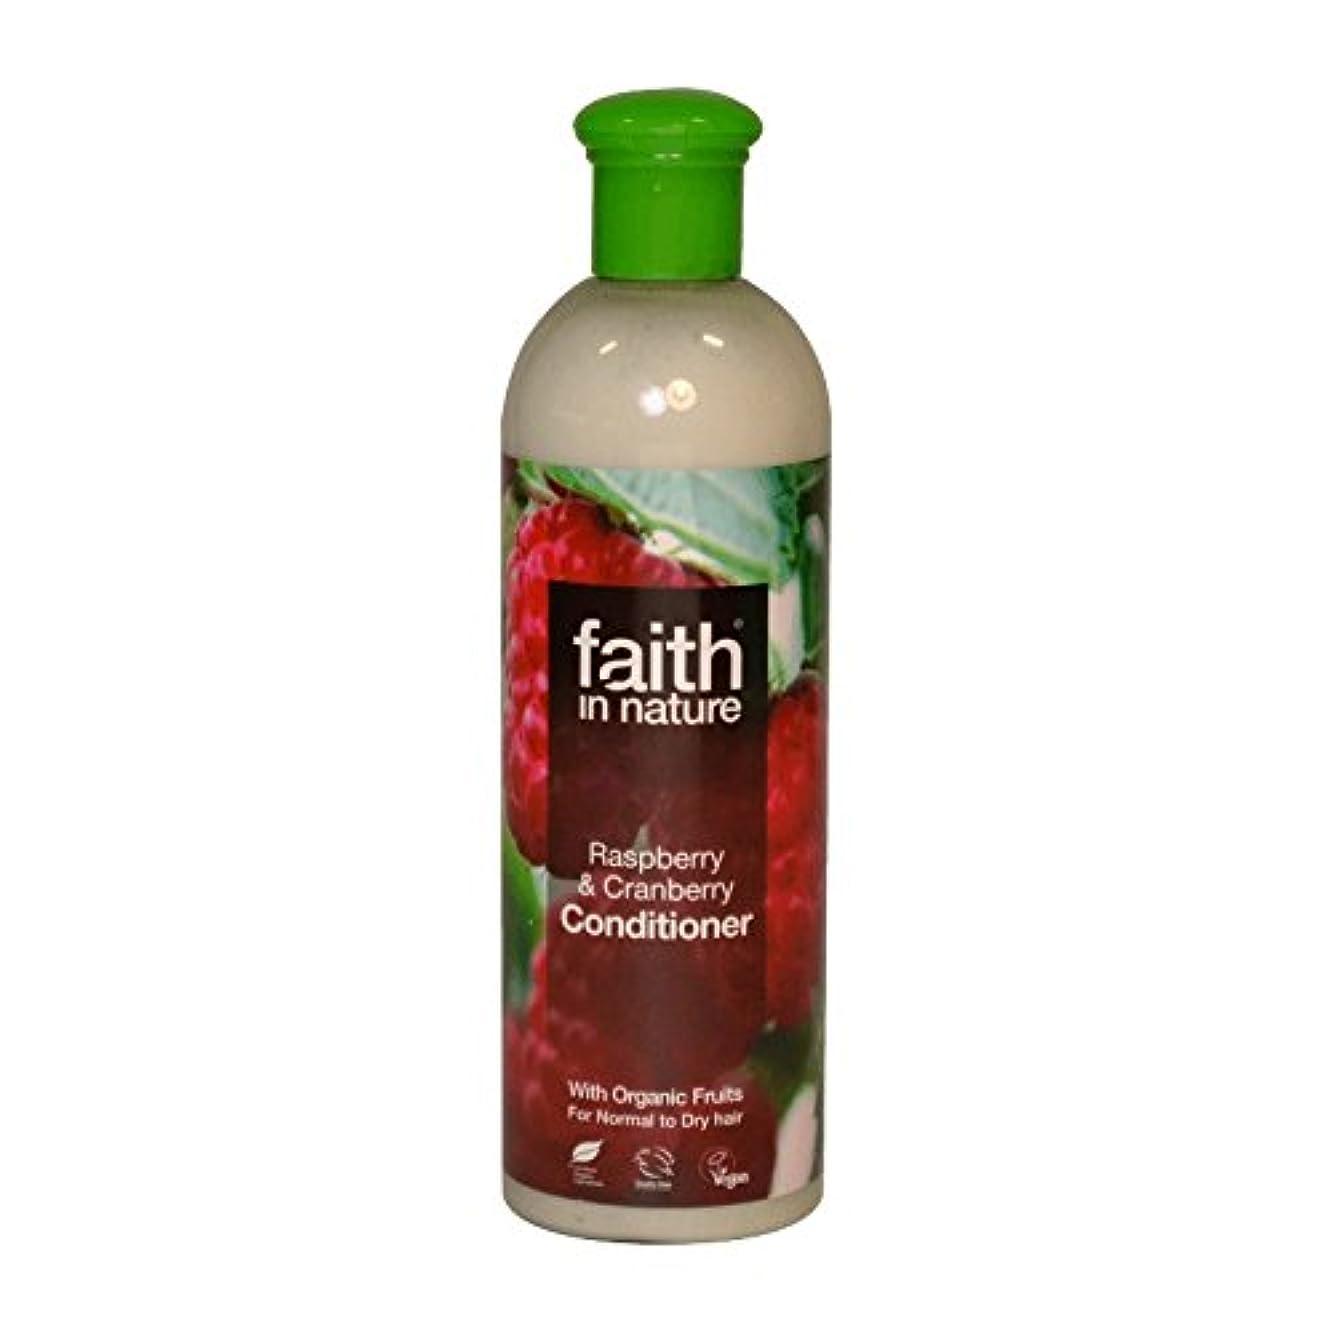 タクシーかんがい炎上Faith in Nature Raspberry & Cranberry Conditioner 400ml (Pack of 2) - 自然ラズベリー&クランベリーコンディショナー400ミリリットルの信仰 (x2)...